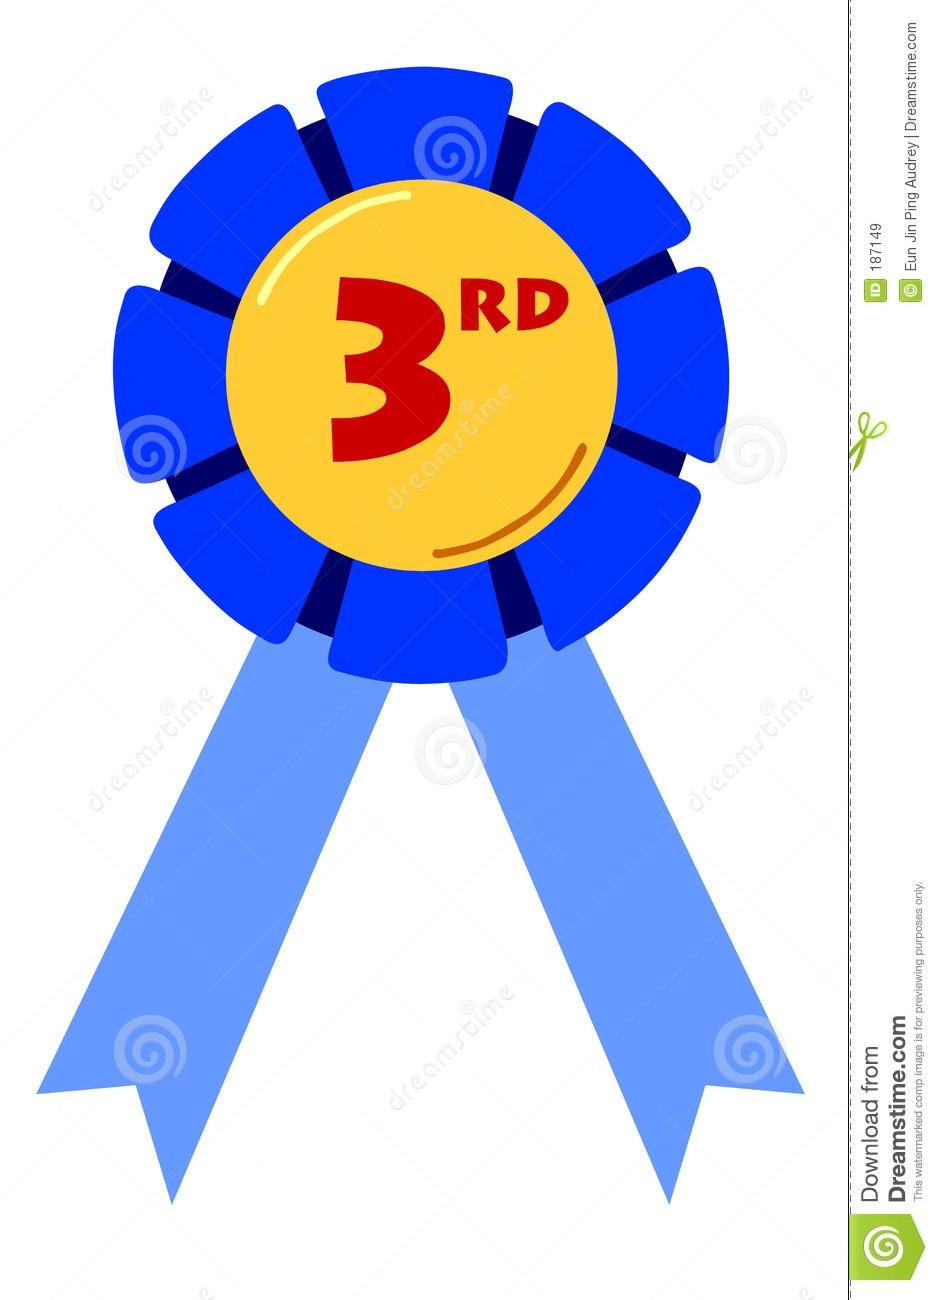 3rd place ribbon clipart 4 » Clipart Portal picture transparent